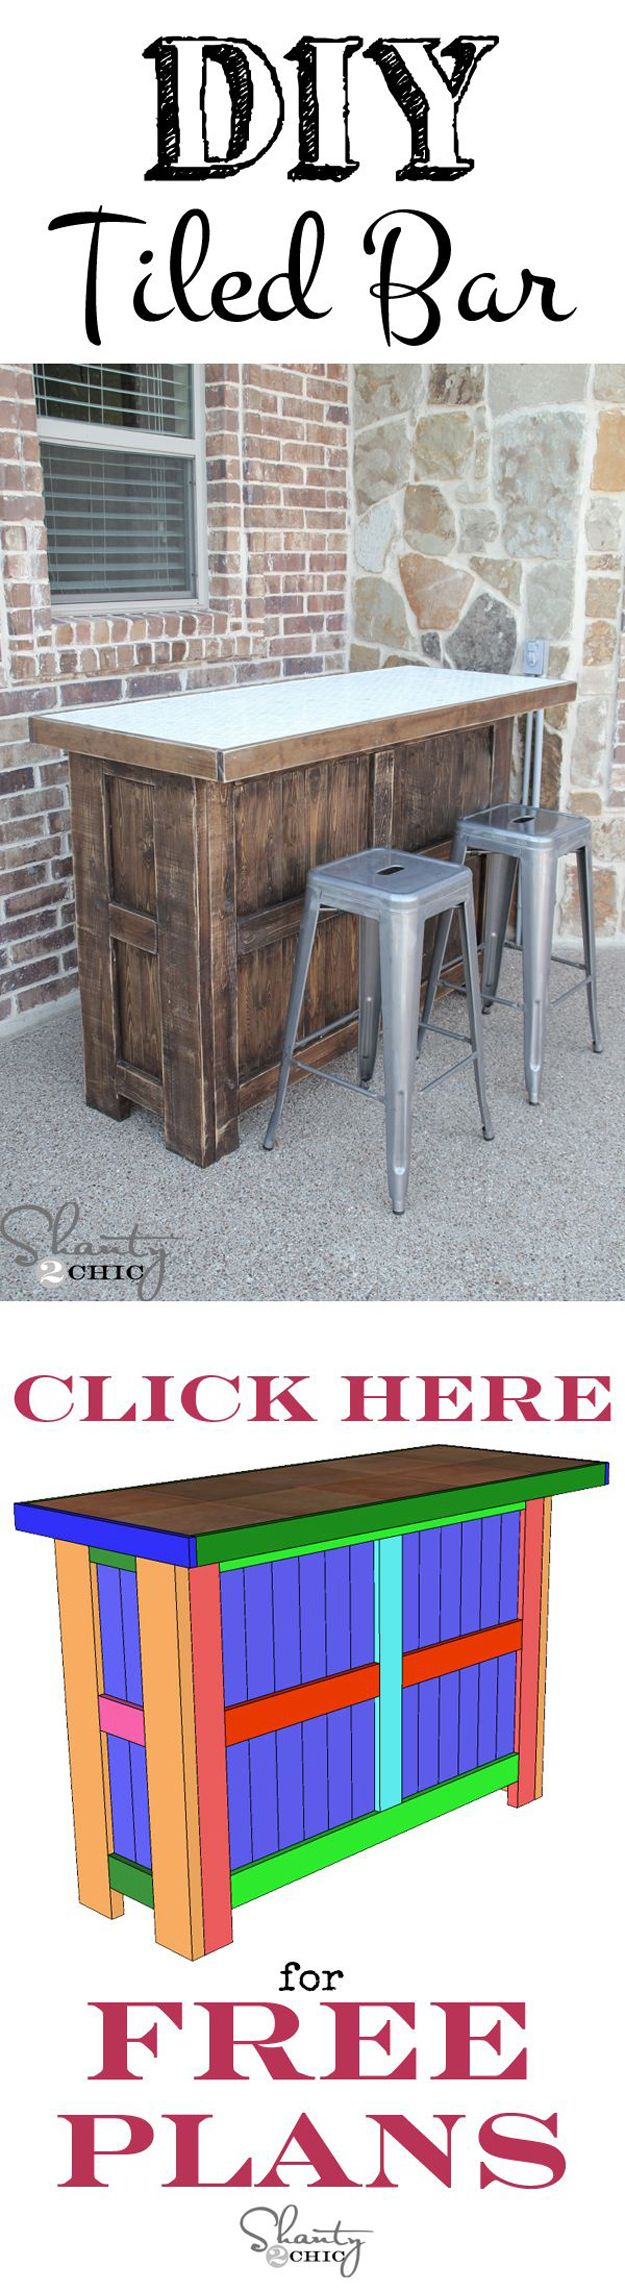 Hecho en casa Ideas del patio trasero de muebles | artesaniasdebricolaje.ru/diy-projects-backyard-furniture/